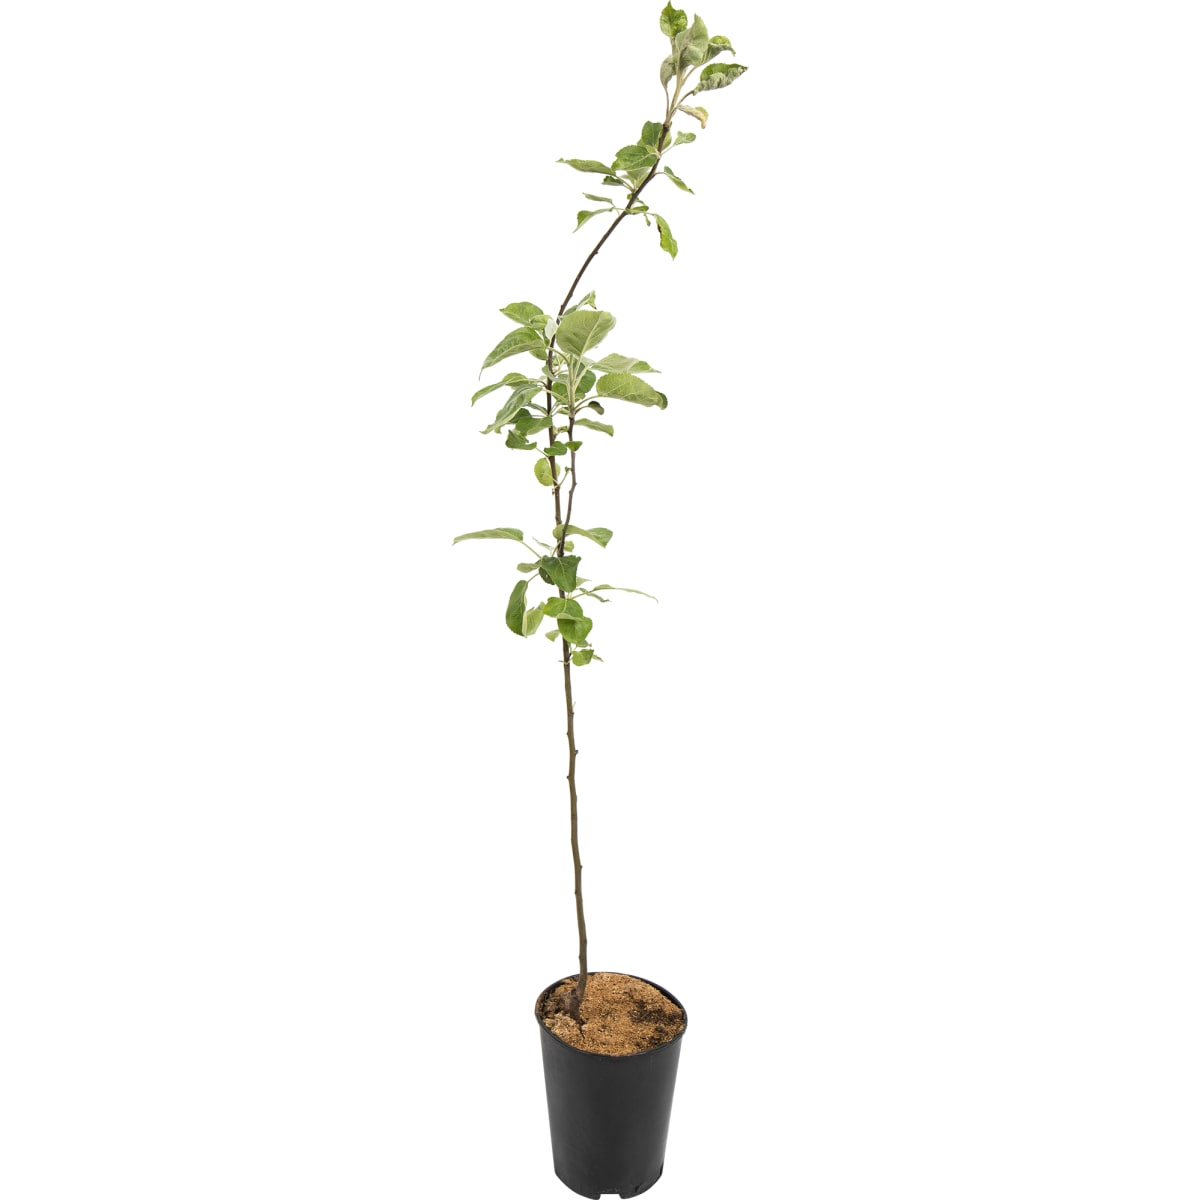 Яблоня «Богатырь» C4 высота 140 см